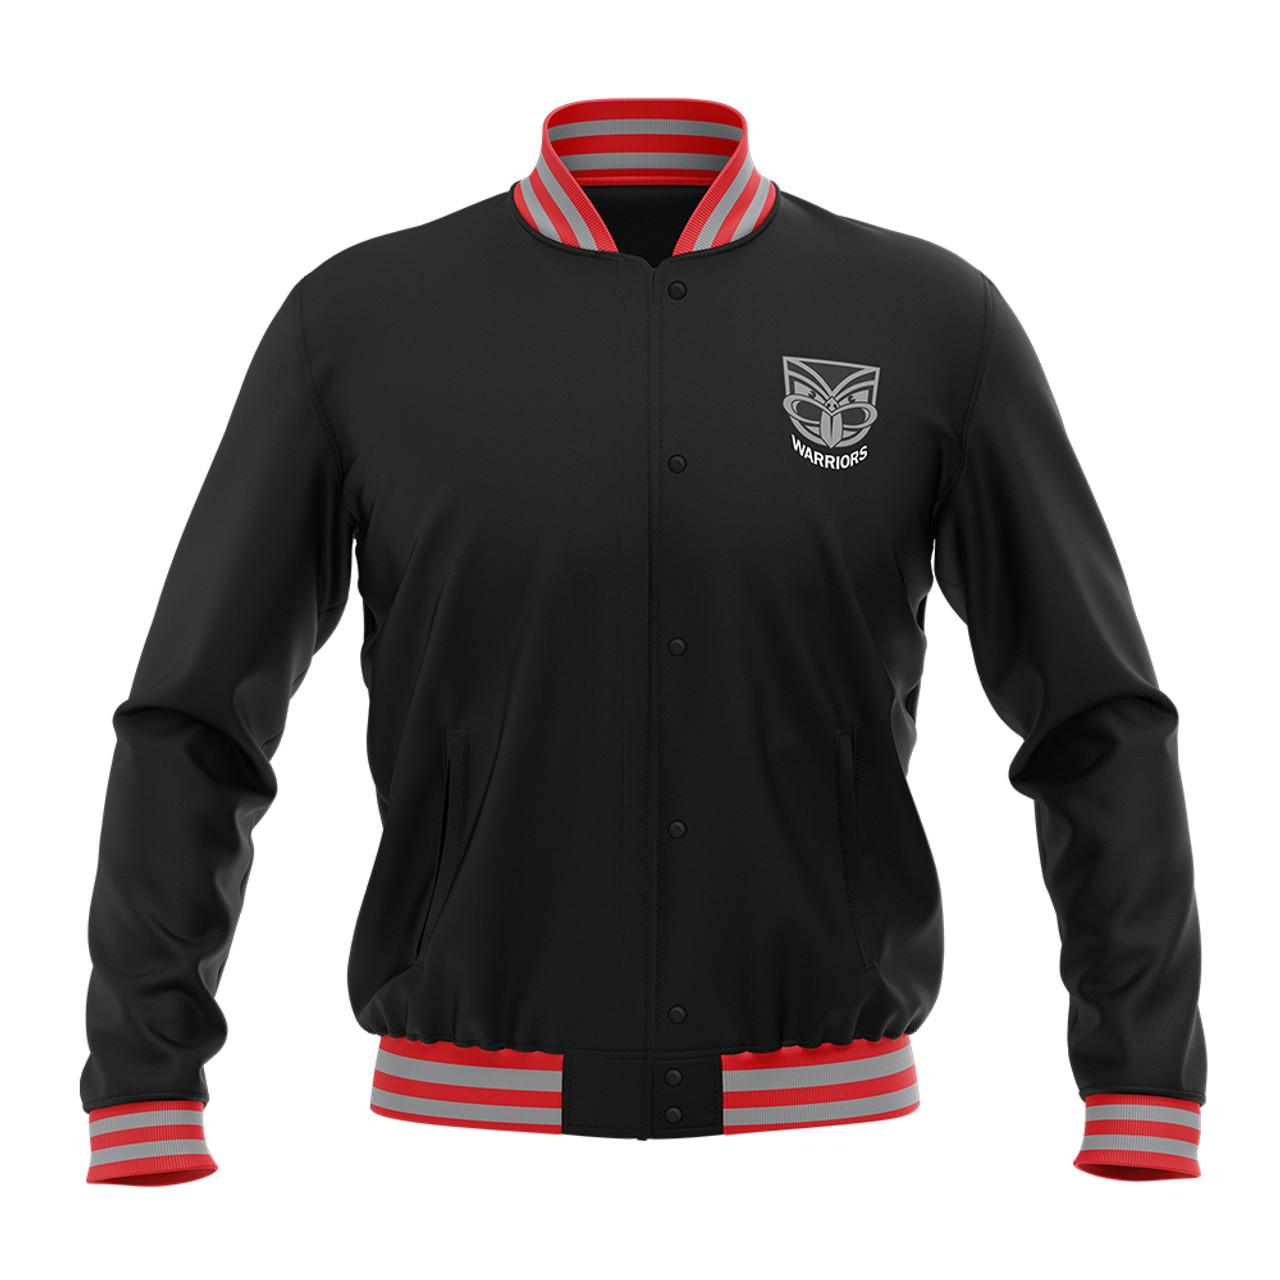 reputable site de399 36615 2019 Warriors Classic Club Varsity Jacket - Mens